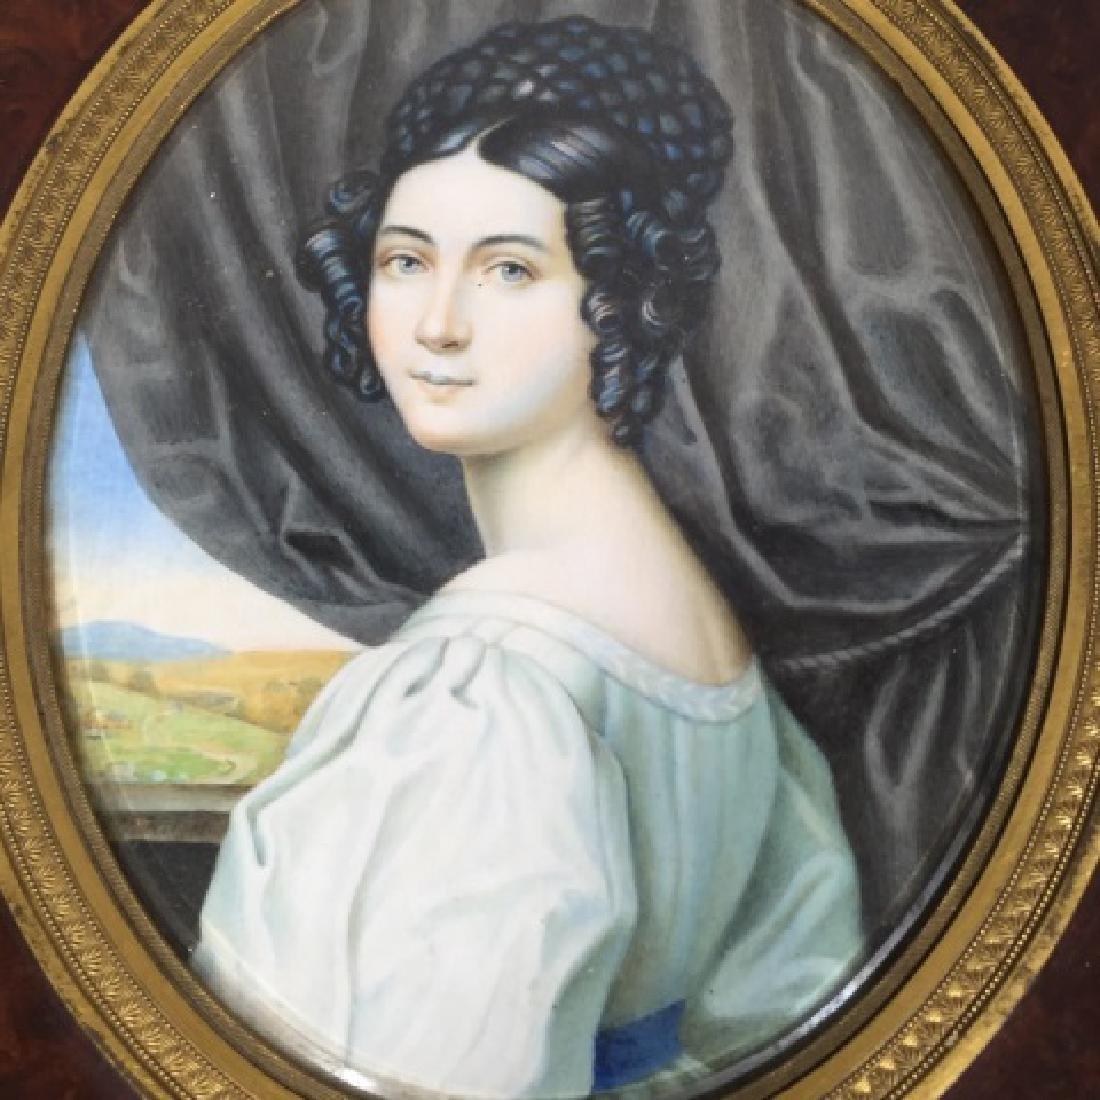 Antique 19th C Hand Painted Portrait Miniature - 2